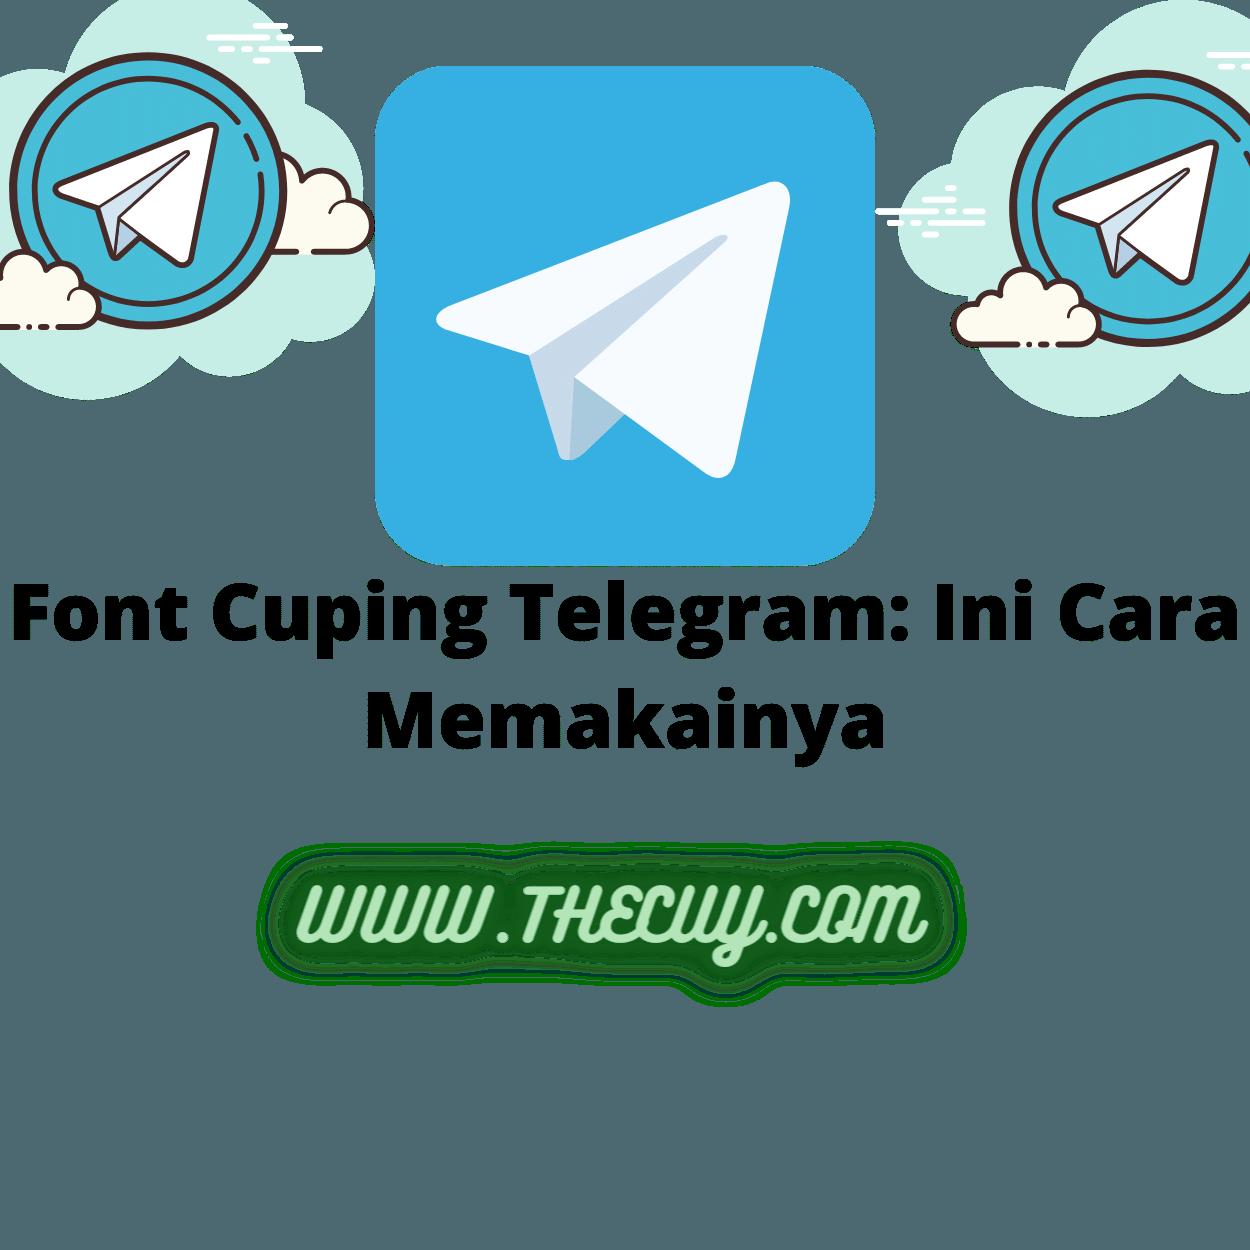 Font Cuping Telegram: Ini Cara Memakainya